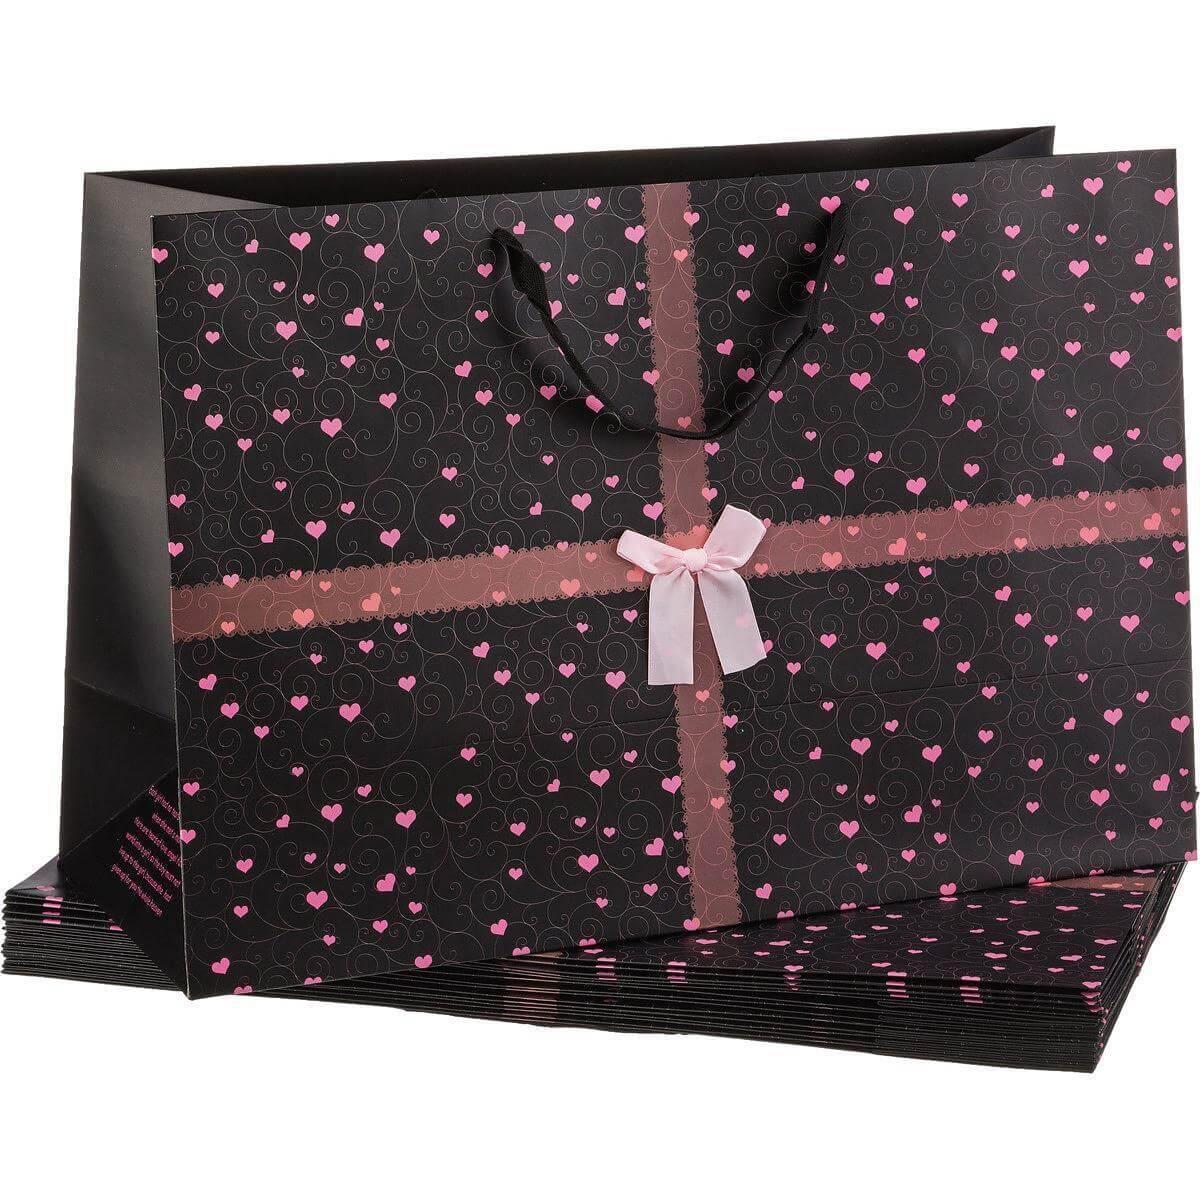 Широкий подарочный пакет Черный с розовыми сердечками - Detskoye-Postelnoe.Ru